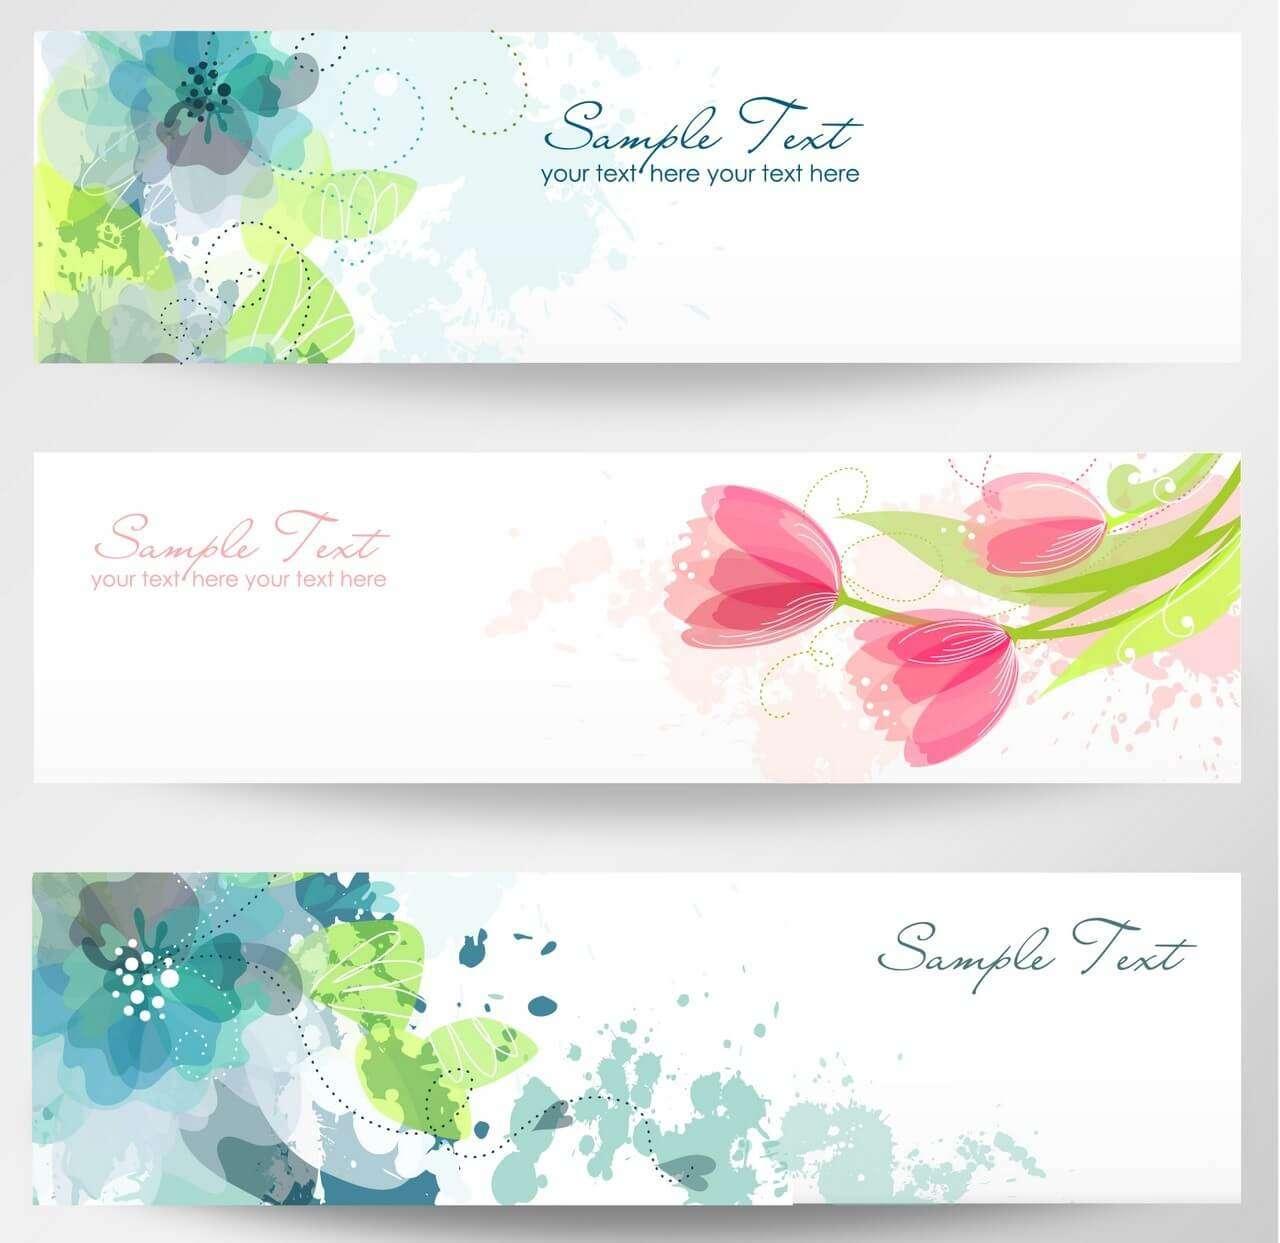 Design banner free download - Banner24